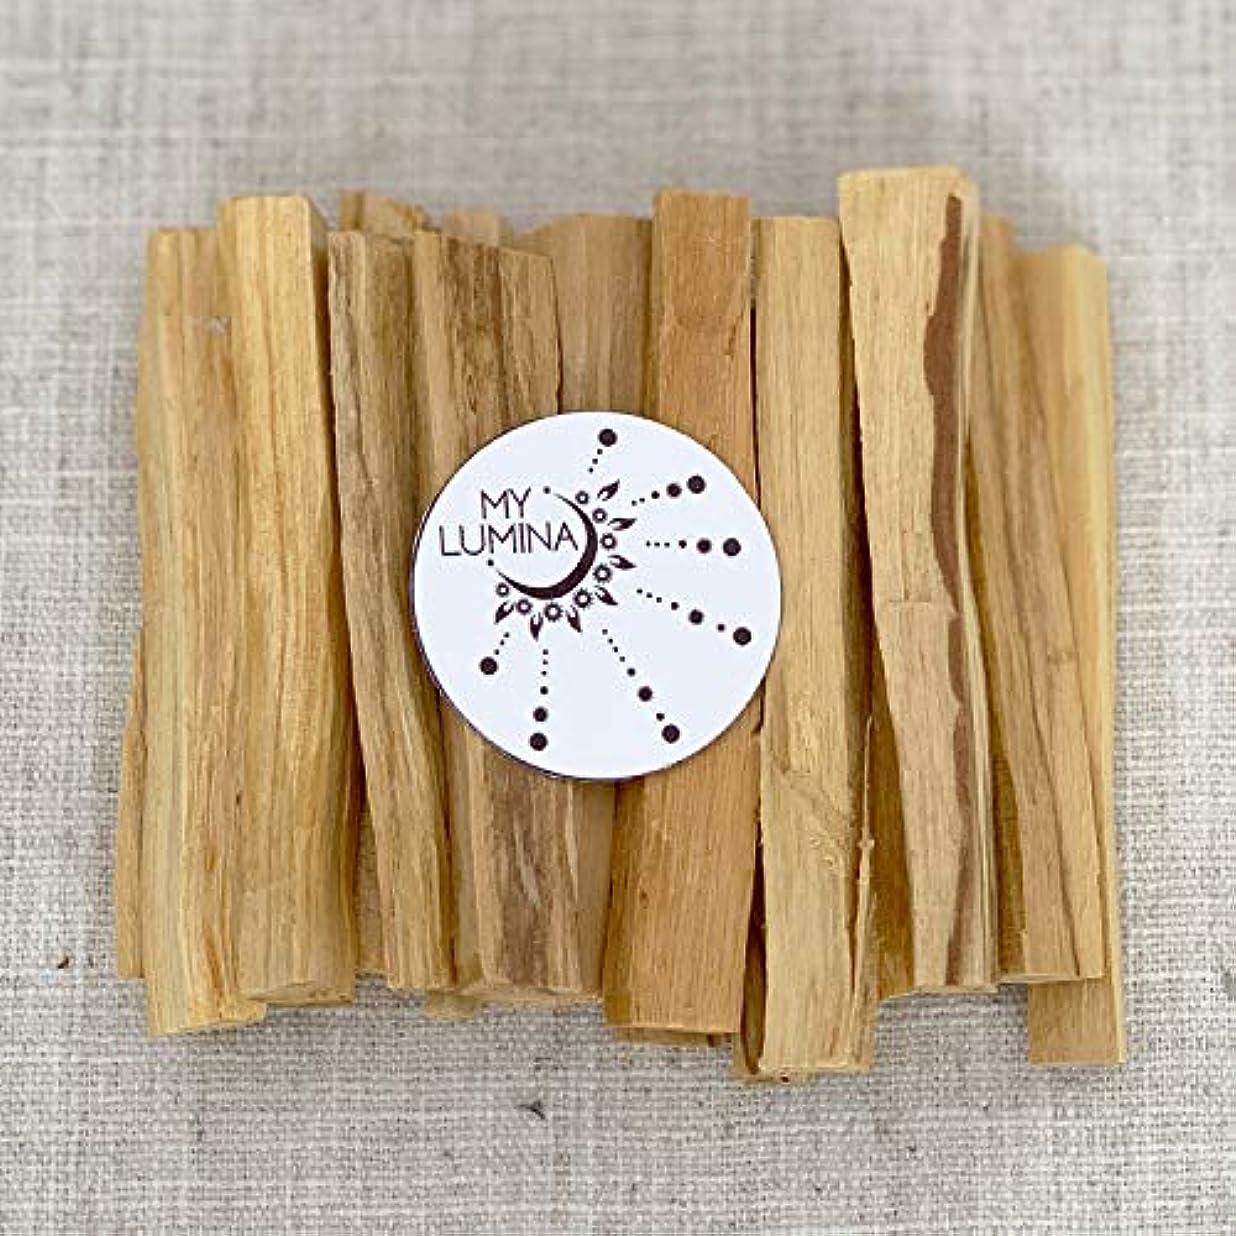 パロサントスティック パロサント 聖なる木のお香スティック 浄化 癒し スマッジングチャクラバランス 幸運 瞑想 6 Pack, 12 Pack, 20 Pack